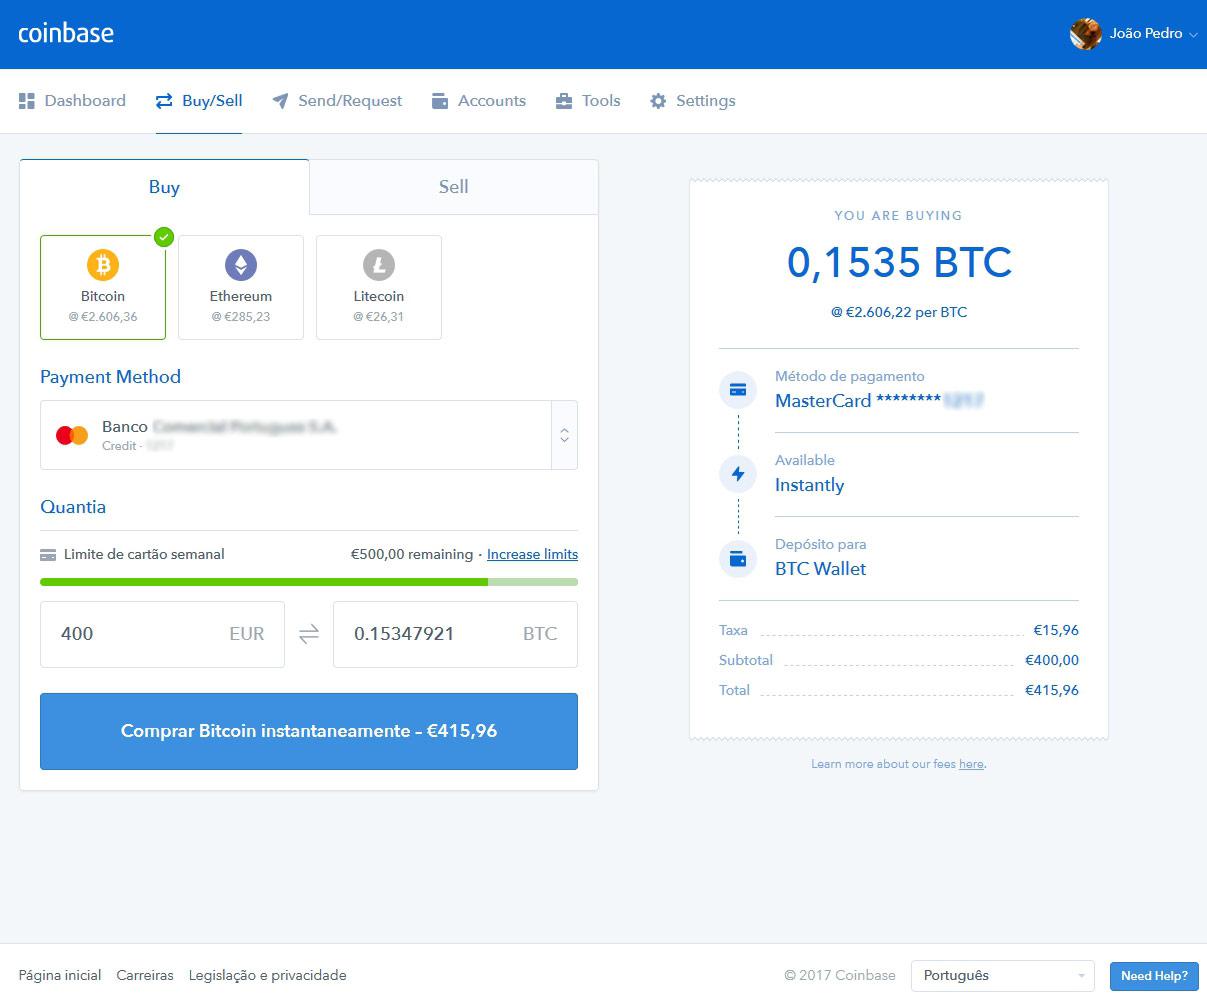 Comprar bitcoins em Portugal